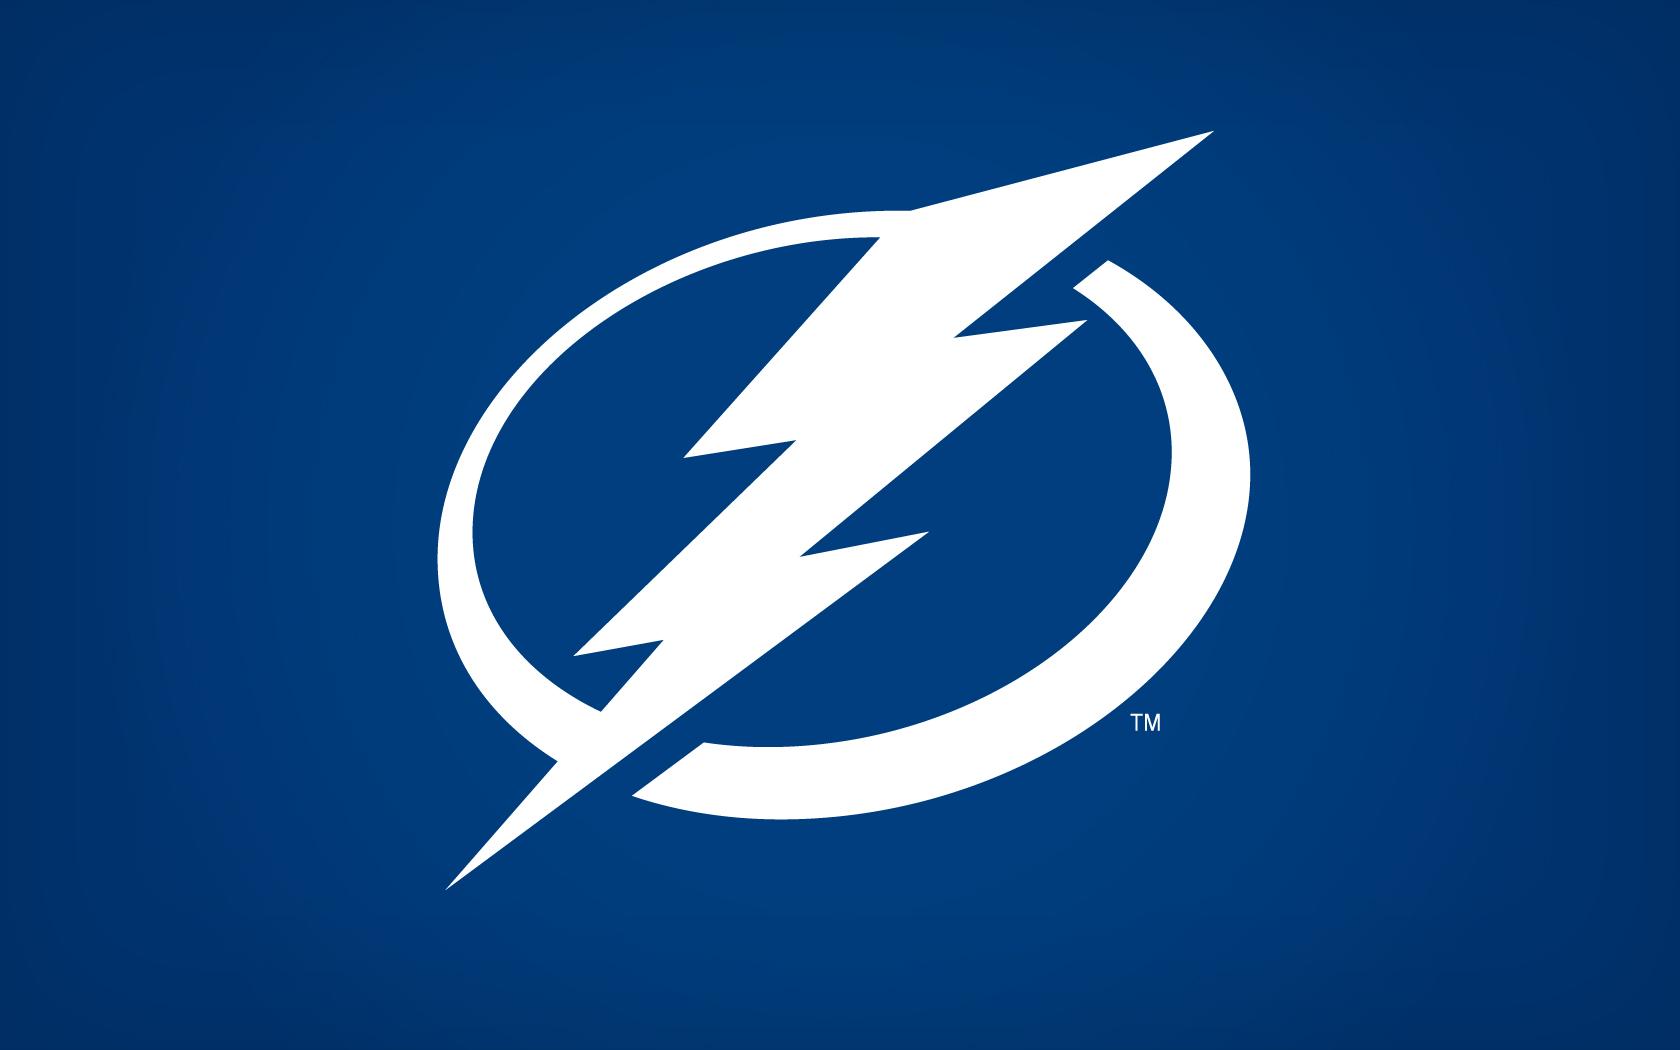 Tampa Bay Lightning Logo 1680x1050